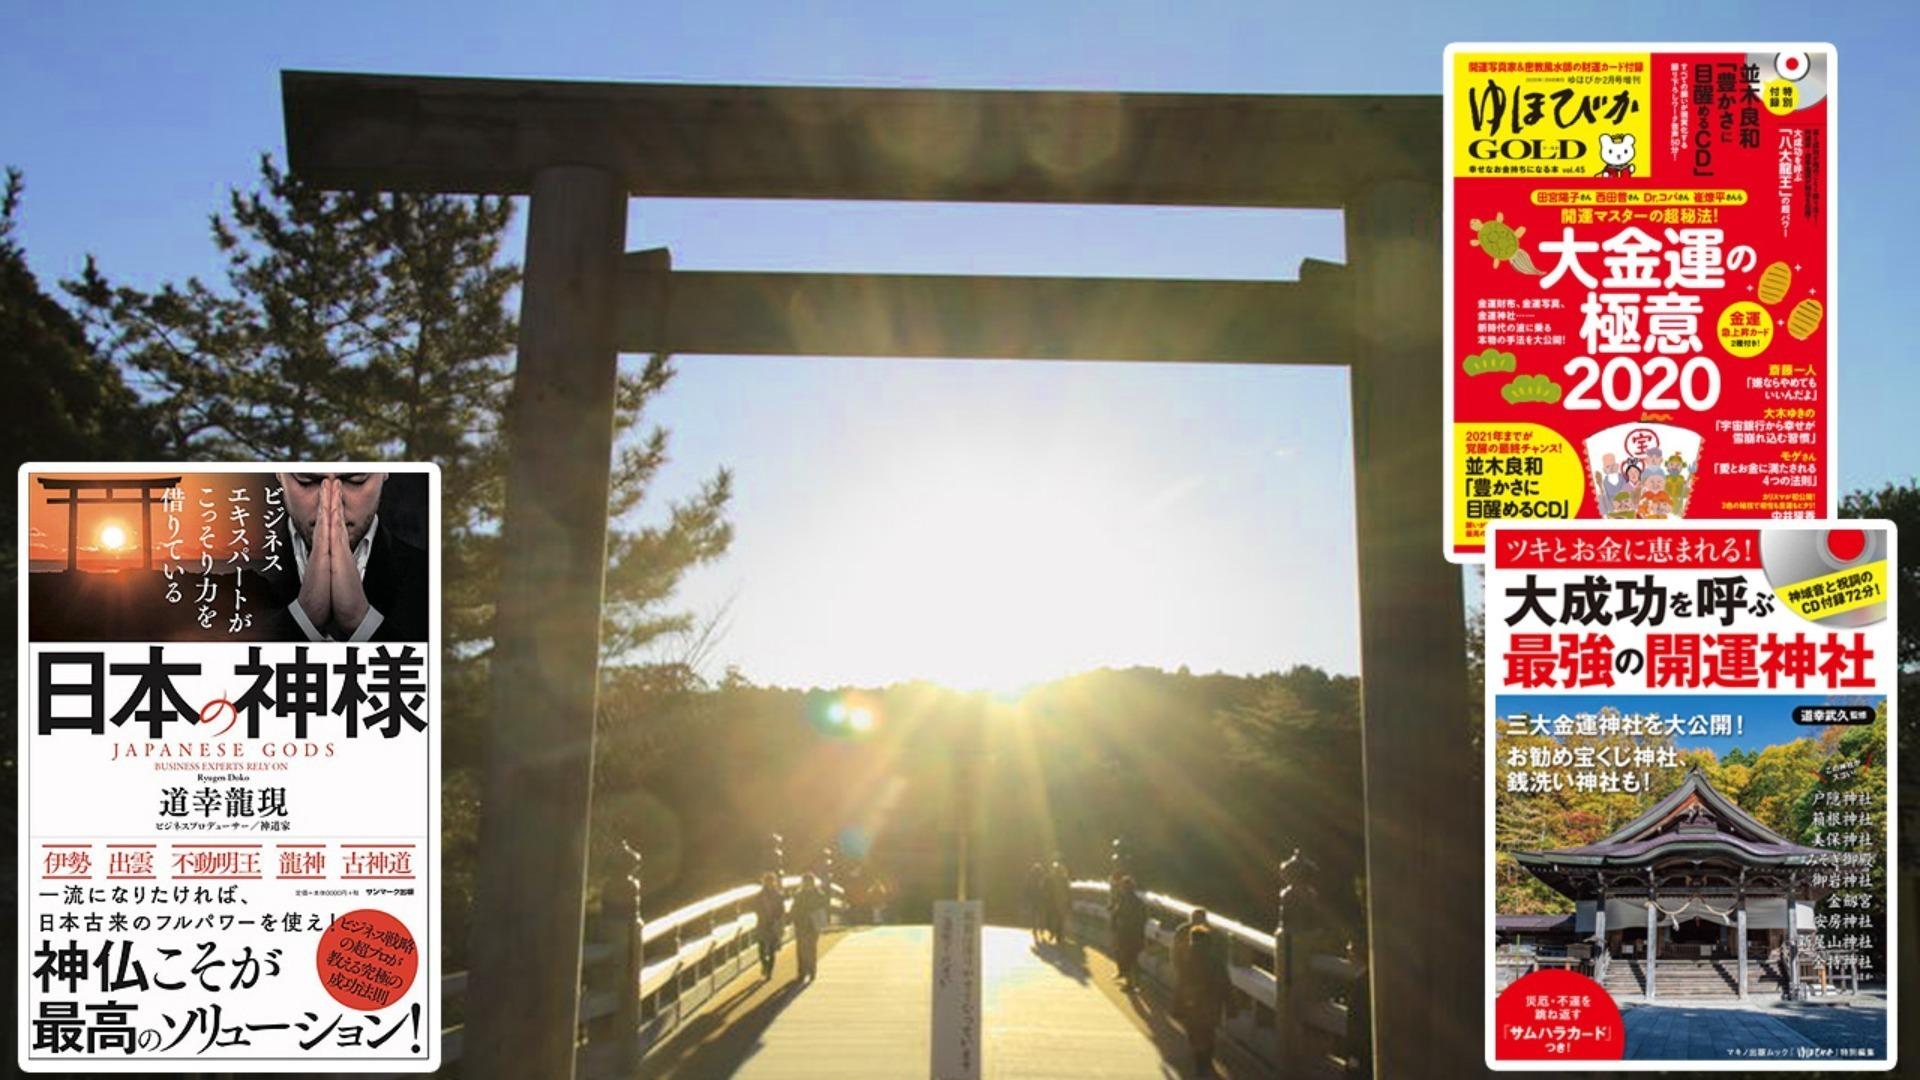 21.9.14【神道編】第44回 牛頭天王